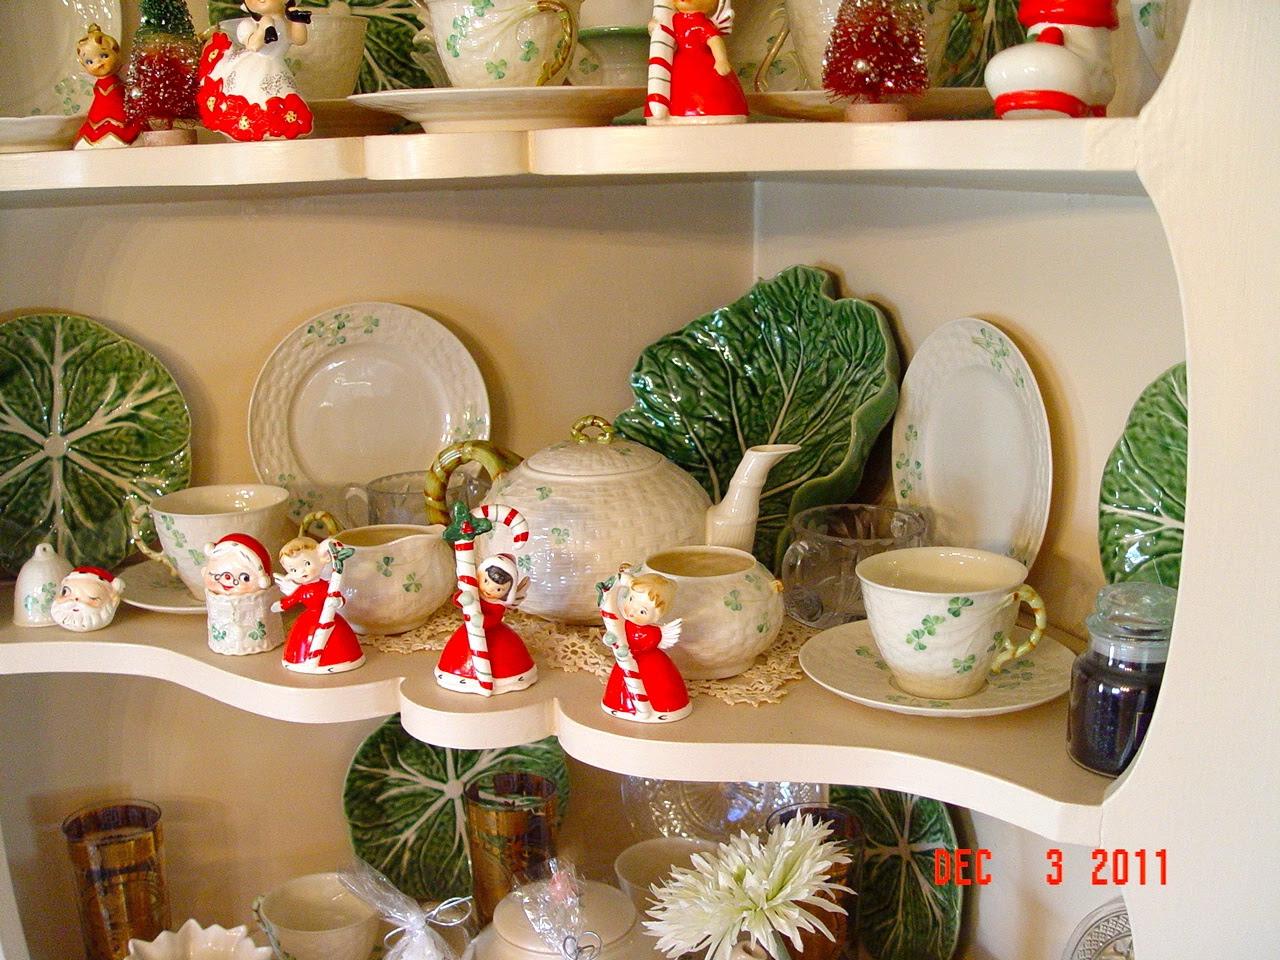 2011-12 Xmas dining room cabinet b | Flickr - Photo Sharing!